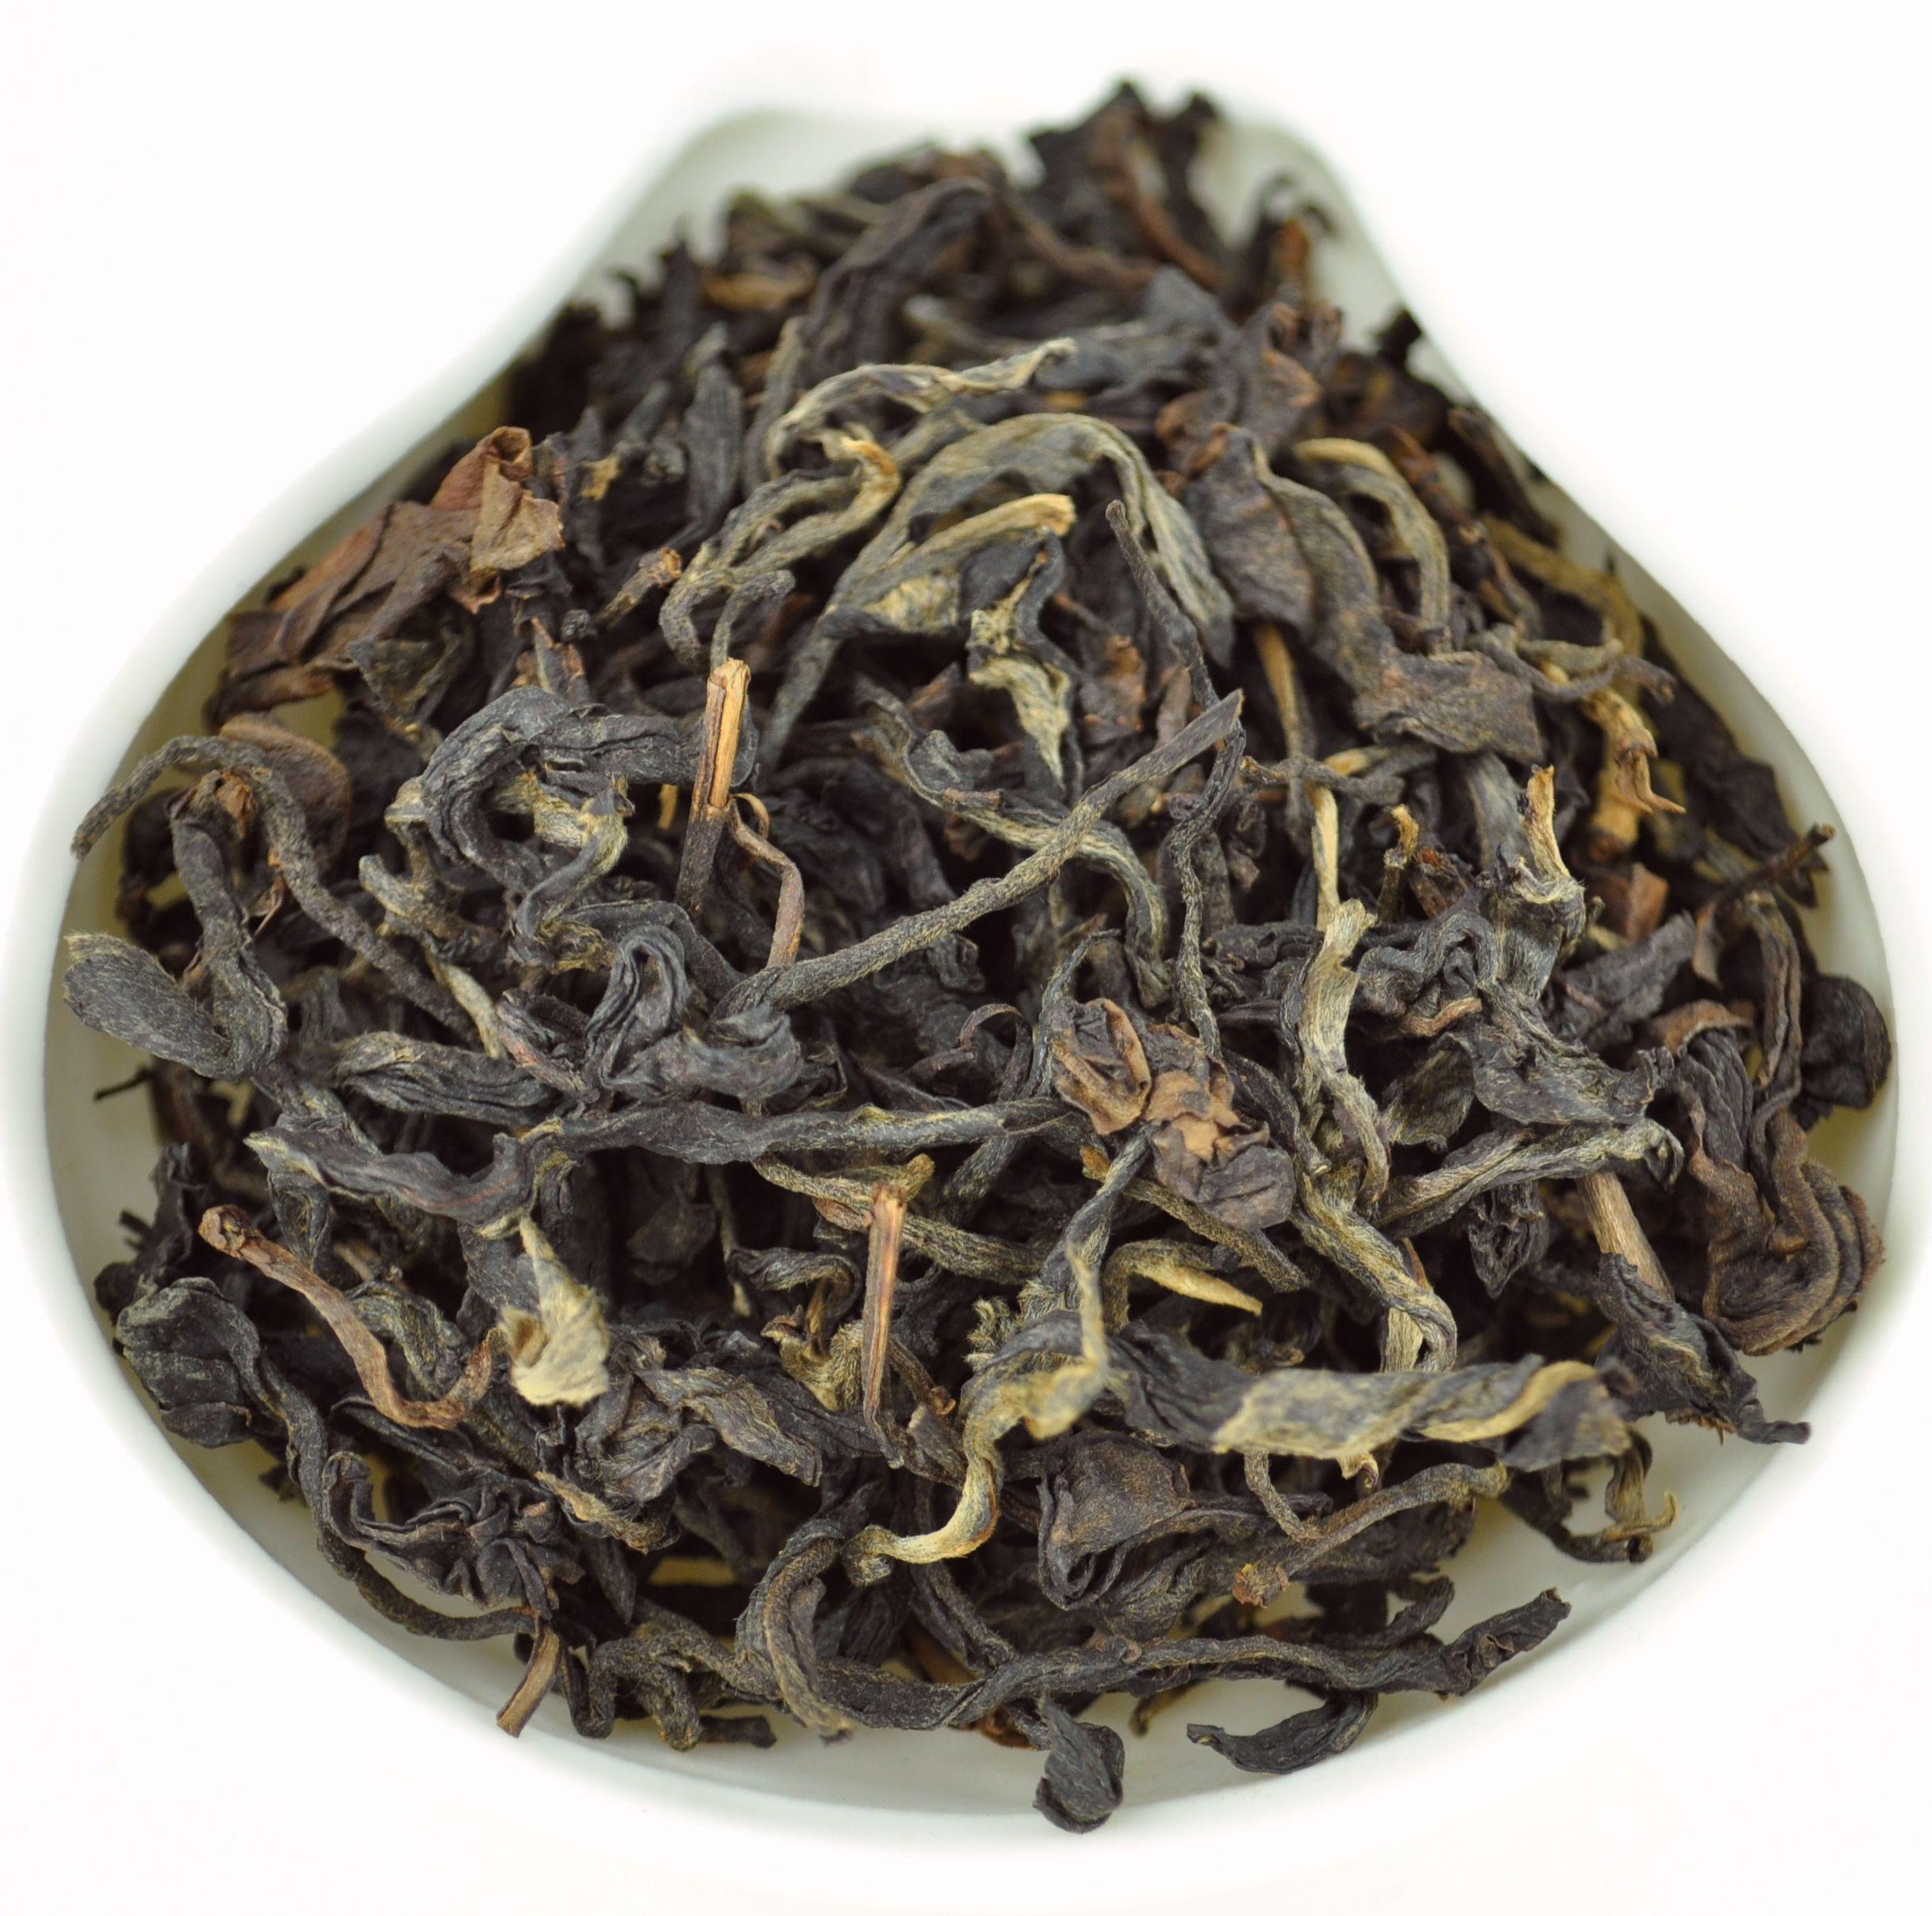 Yi Wu Mountain Wild Arbor Assamica Black Tea * Autumn 2015